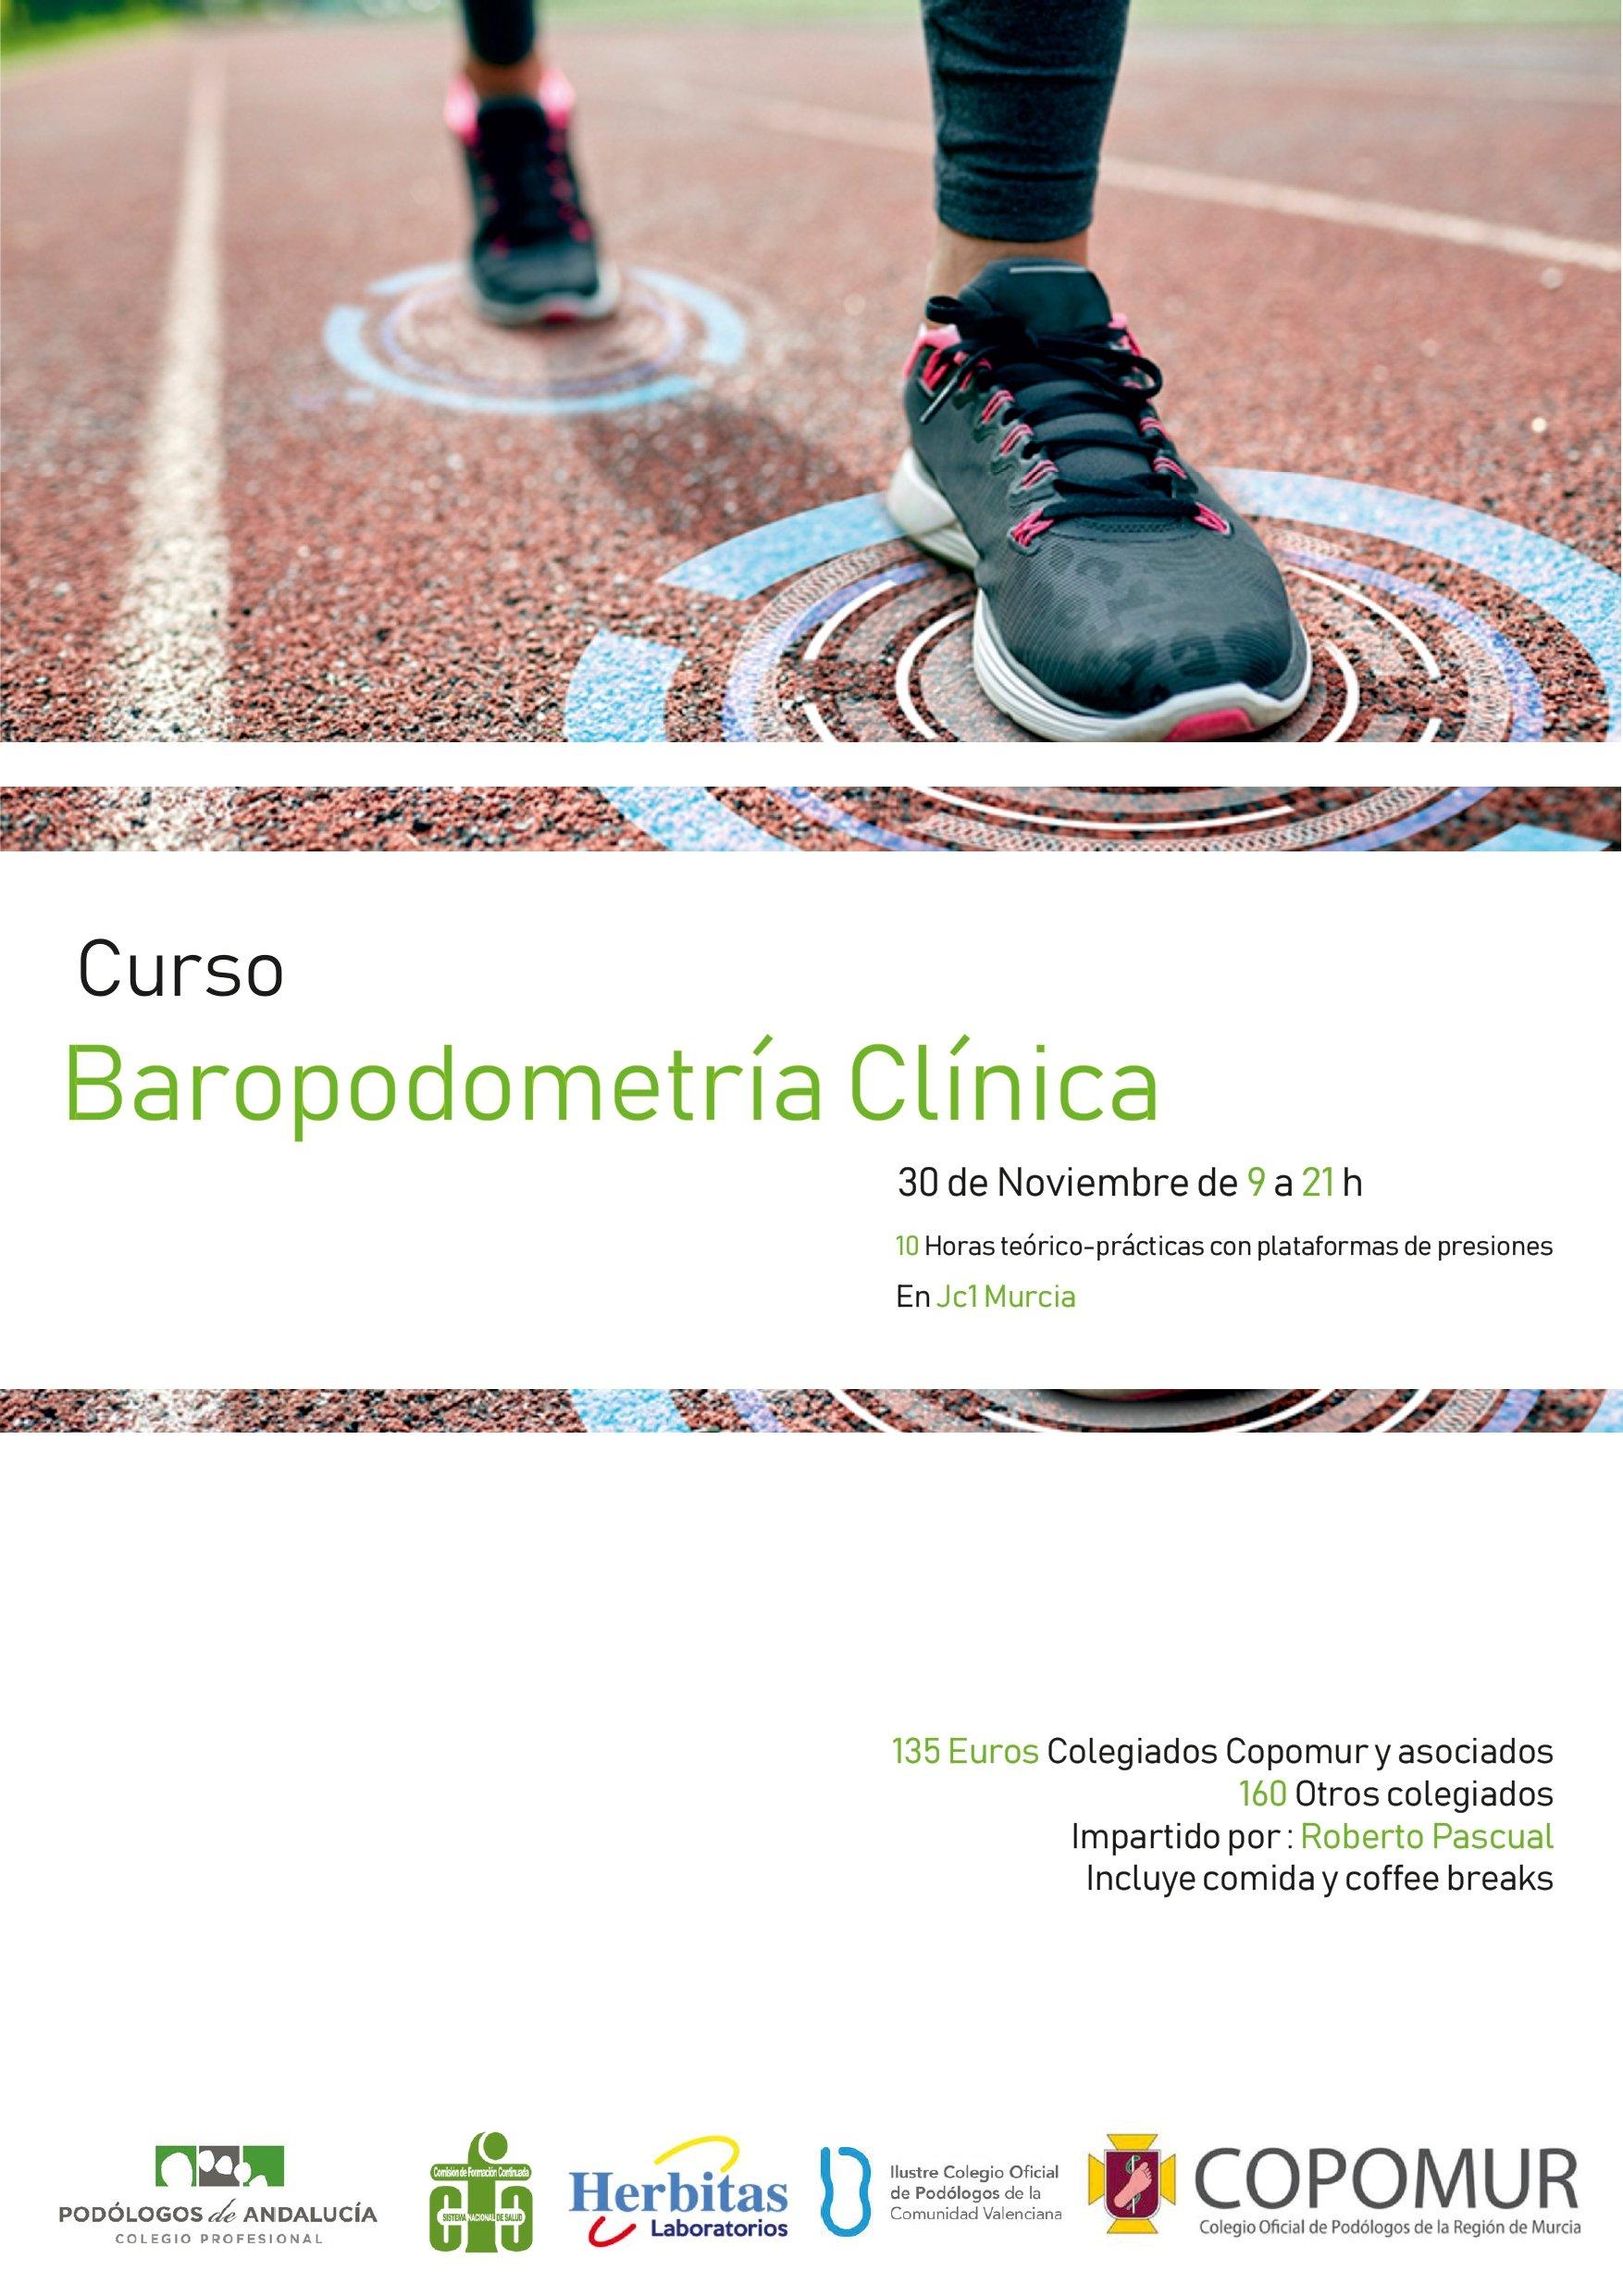 CURSO DE BAROPODOMETRÍA CLÍNICA